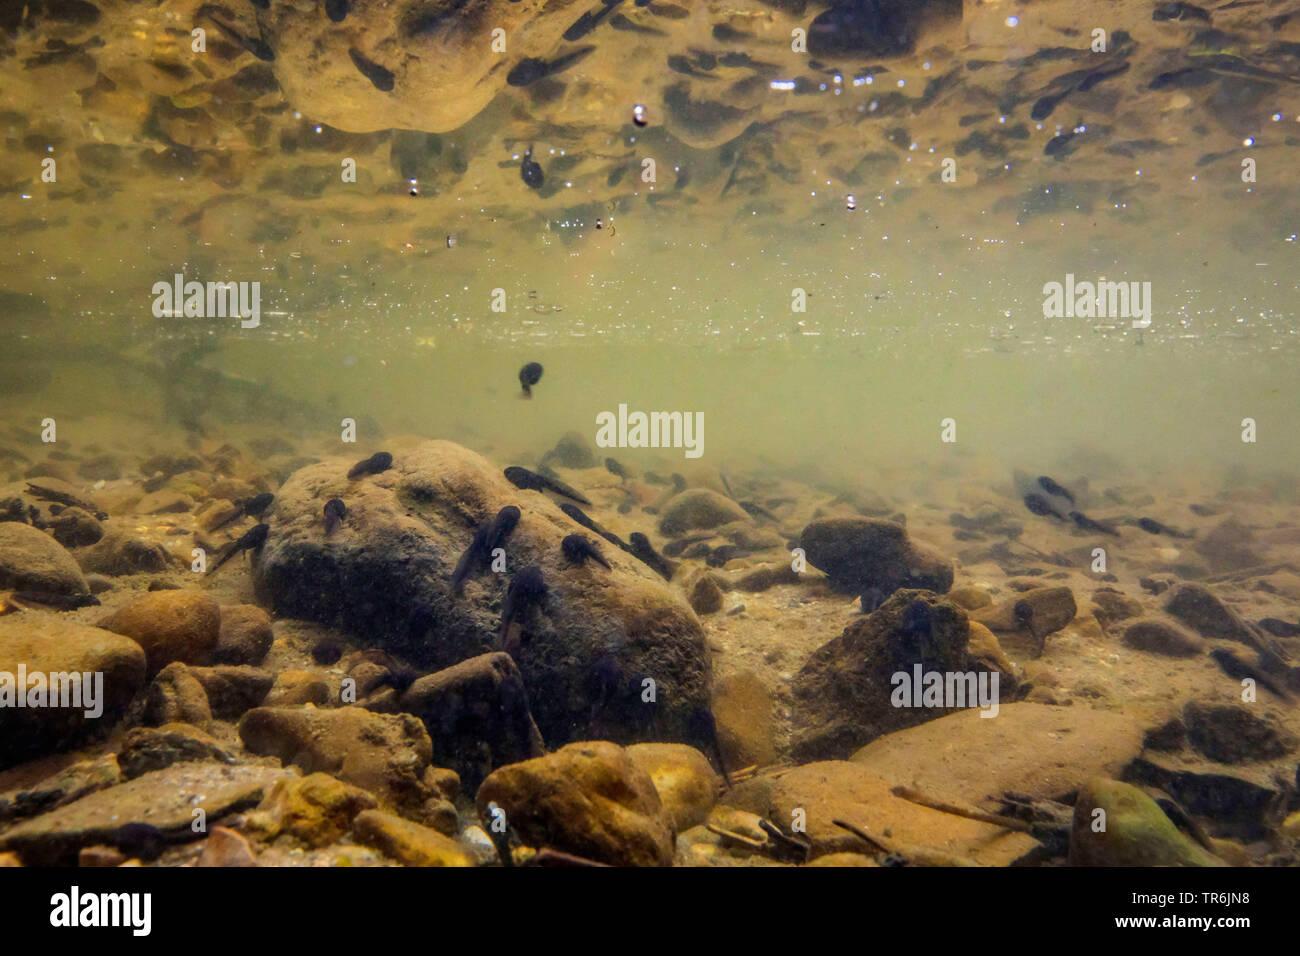 Grasfrosch, Gras-Frosch (Rana temporaria), Kaulquappen weiden Algen von Kieseln in kleinem Bach, Deutschland, Bayern   common frog, grass frog (Rana t - Stock Image